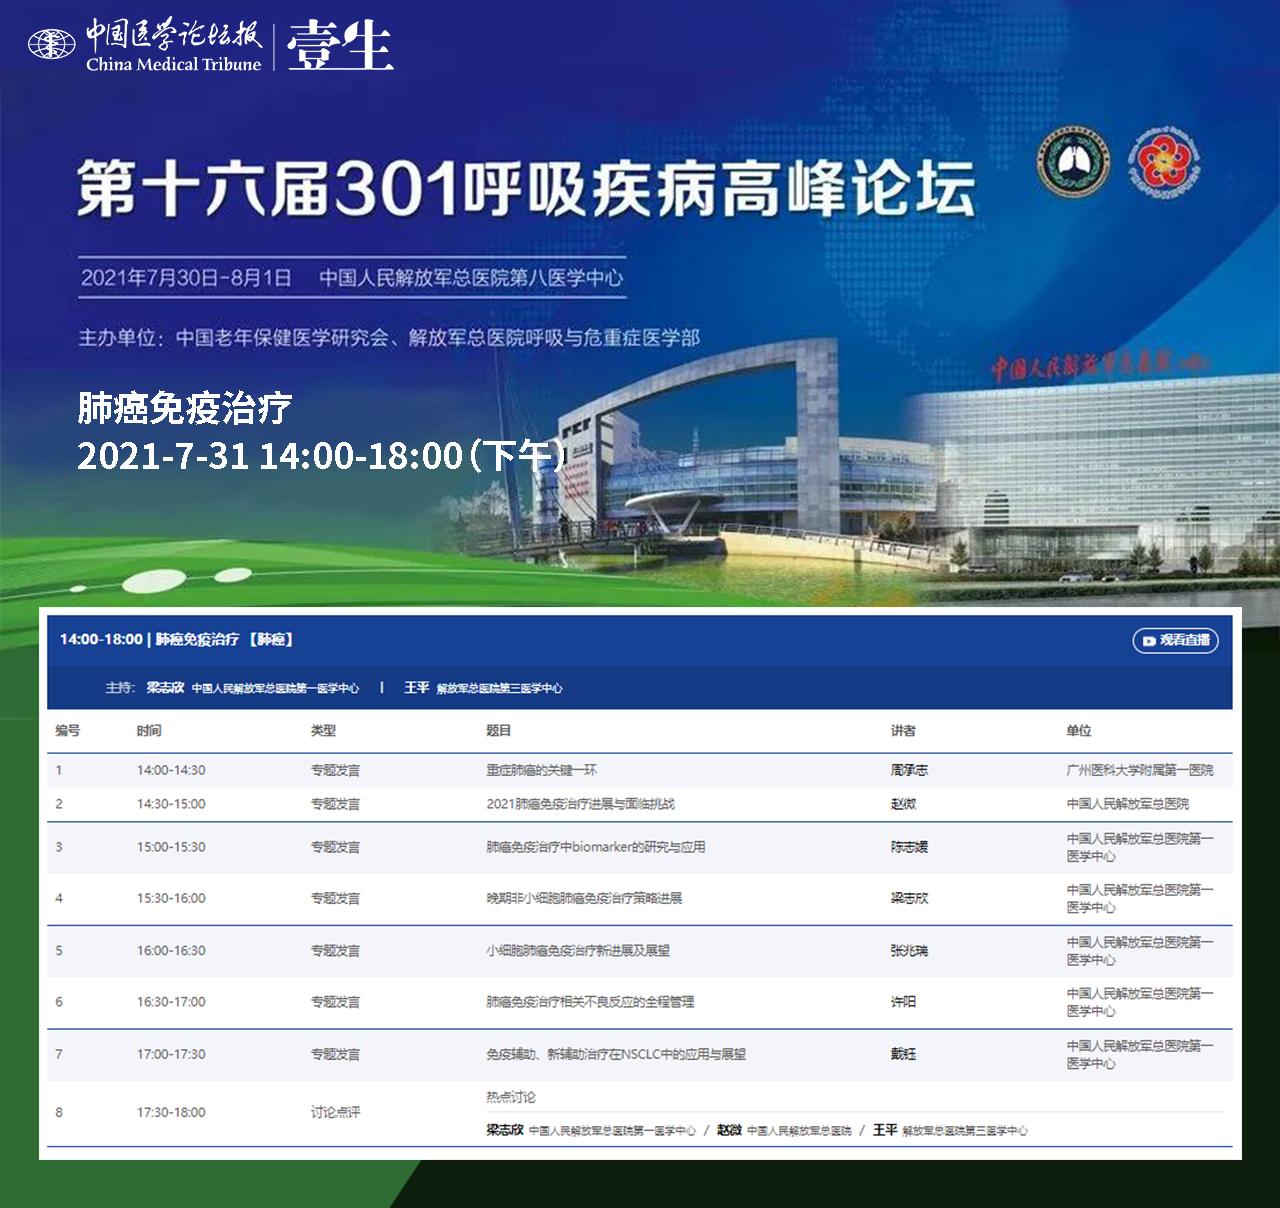 7.31肺癌免疫(下午)海报.png